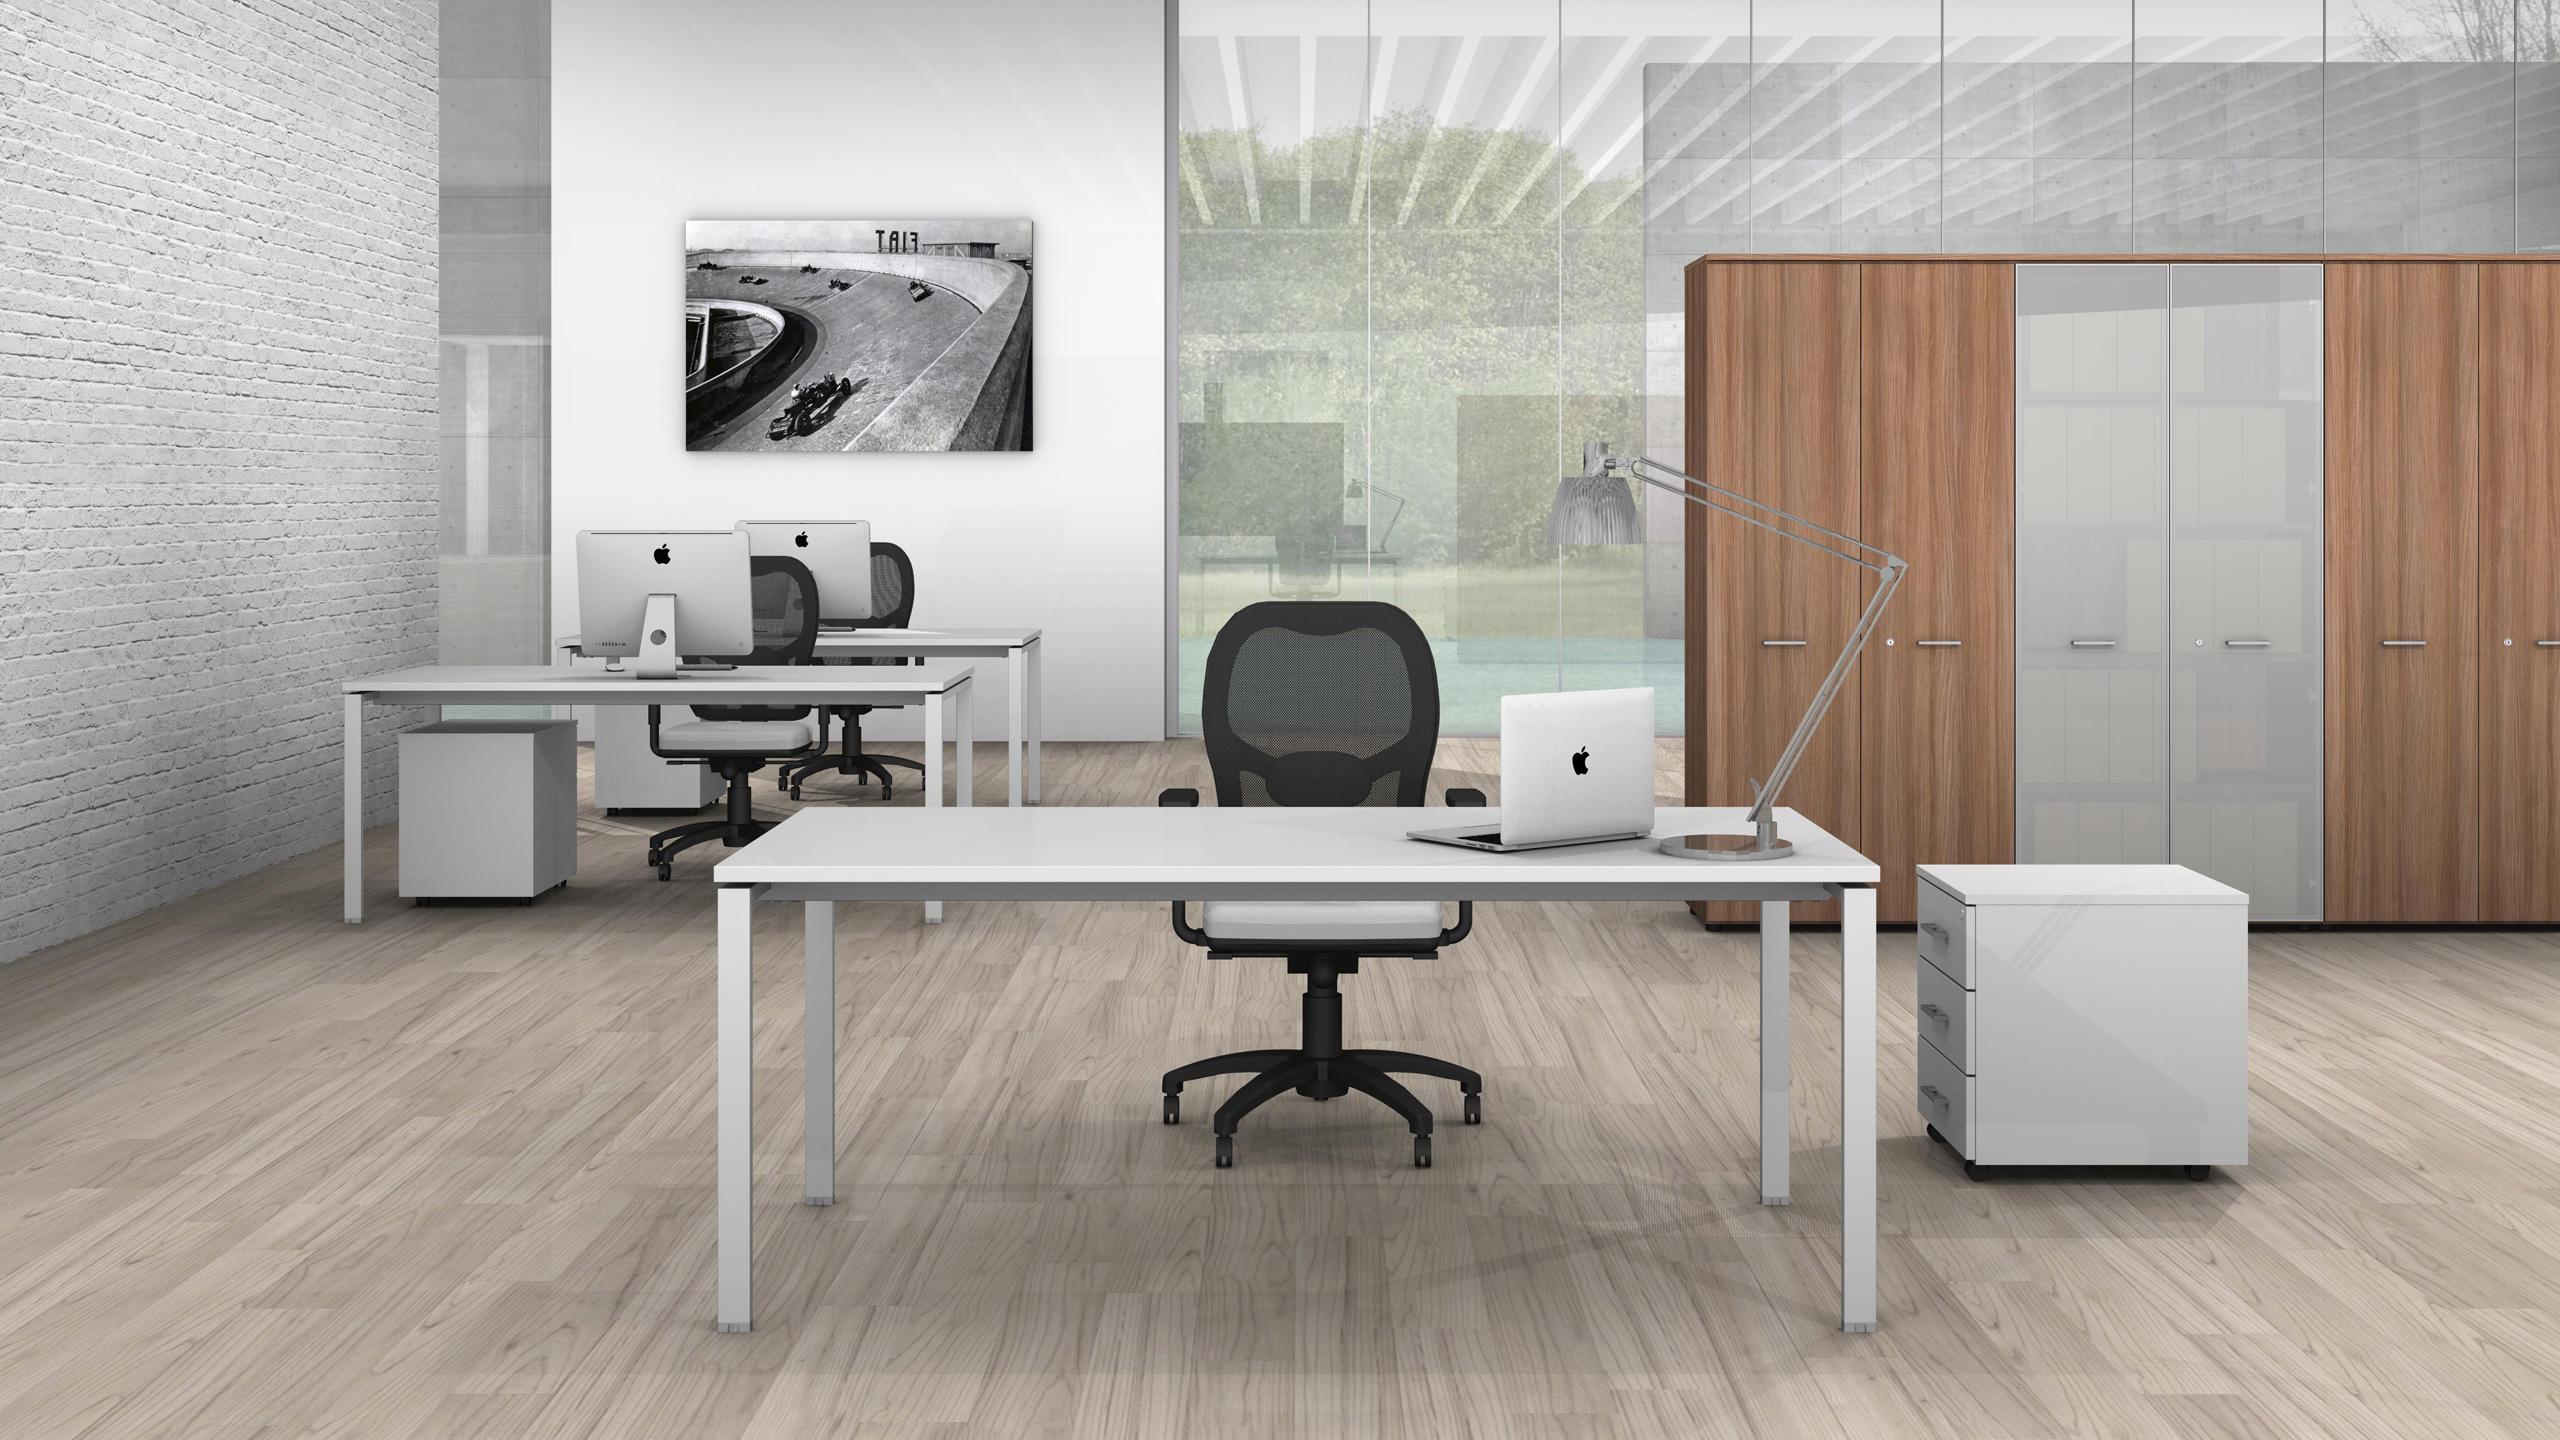 Zaggia Bruno Mobili Per Ufficio : Mobili per ufficio operativi idee di design per la casa